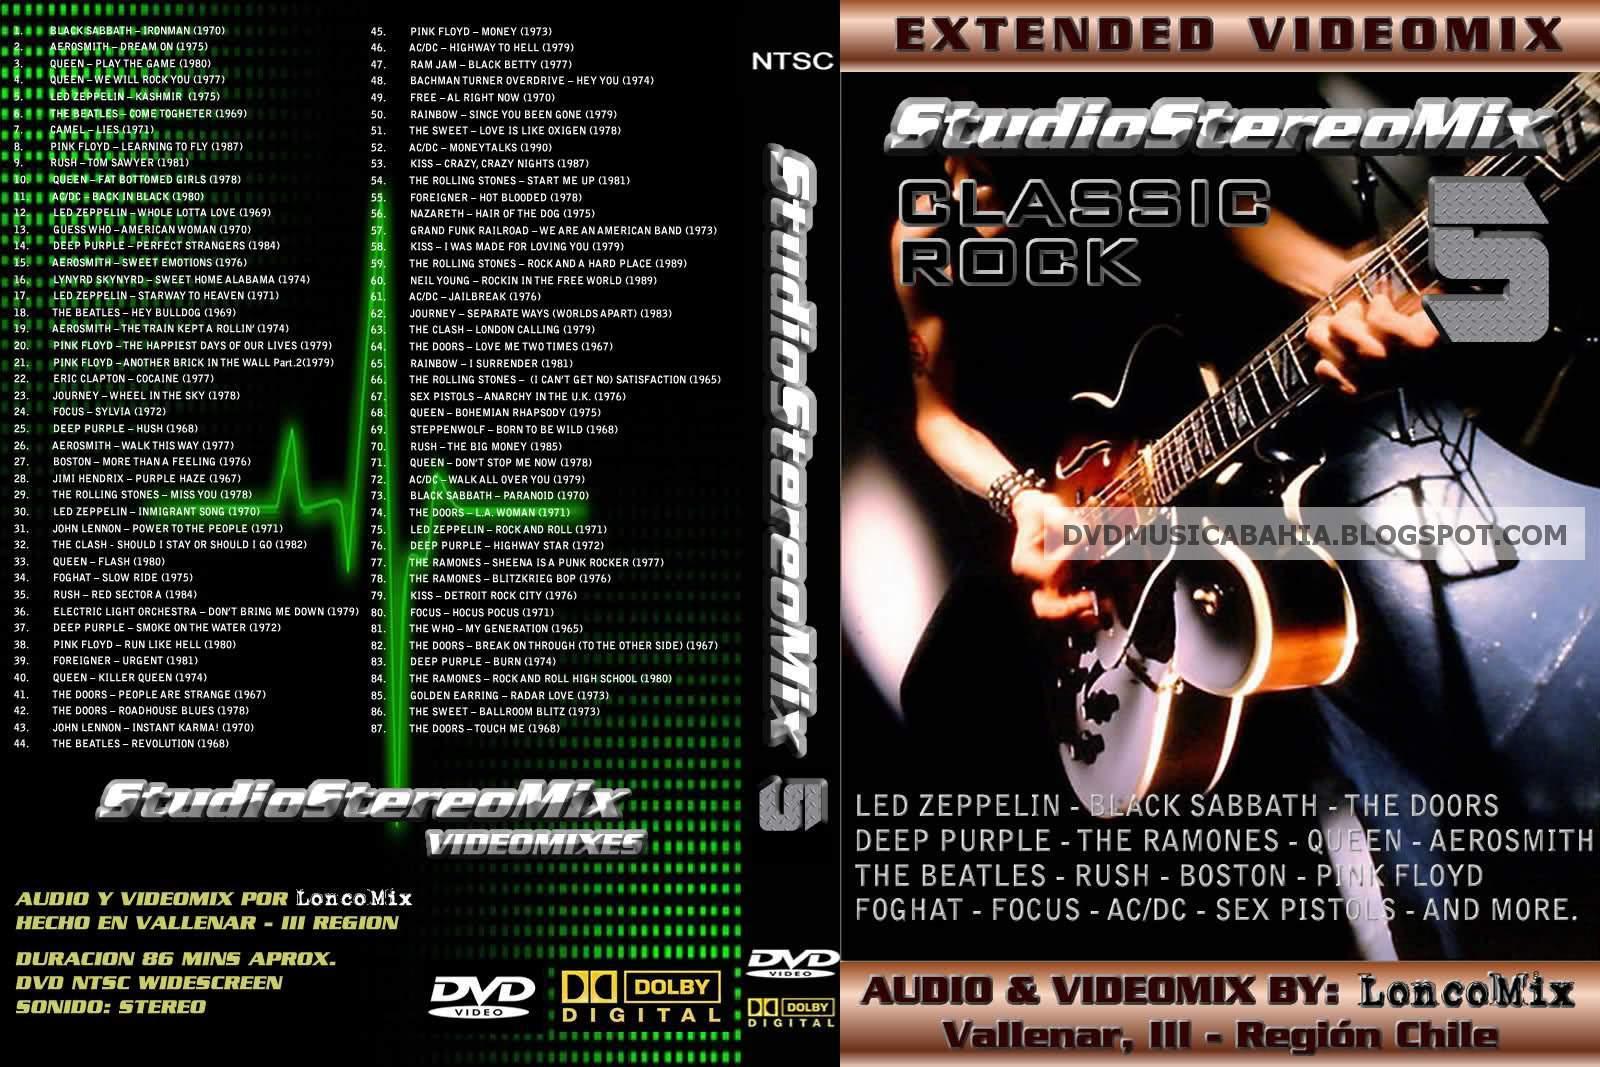 http://3.bp.blogspot.com/-THlitDSvjqo/UFS4xIwJdMI/AAAAAAAACXs/job4jWpJ4WA/s1600/STUDIO+STEREO+MIX+VOLUMEN+5.jpg